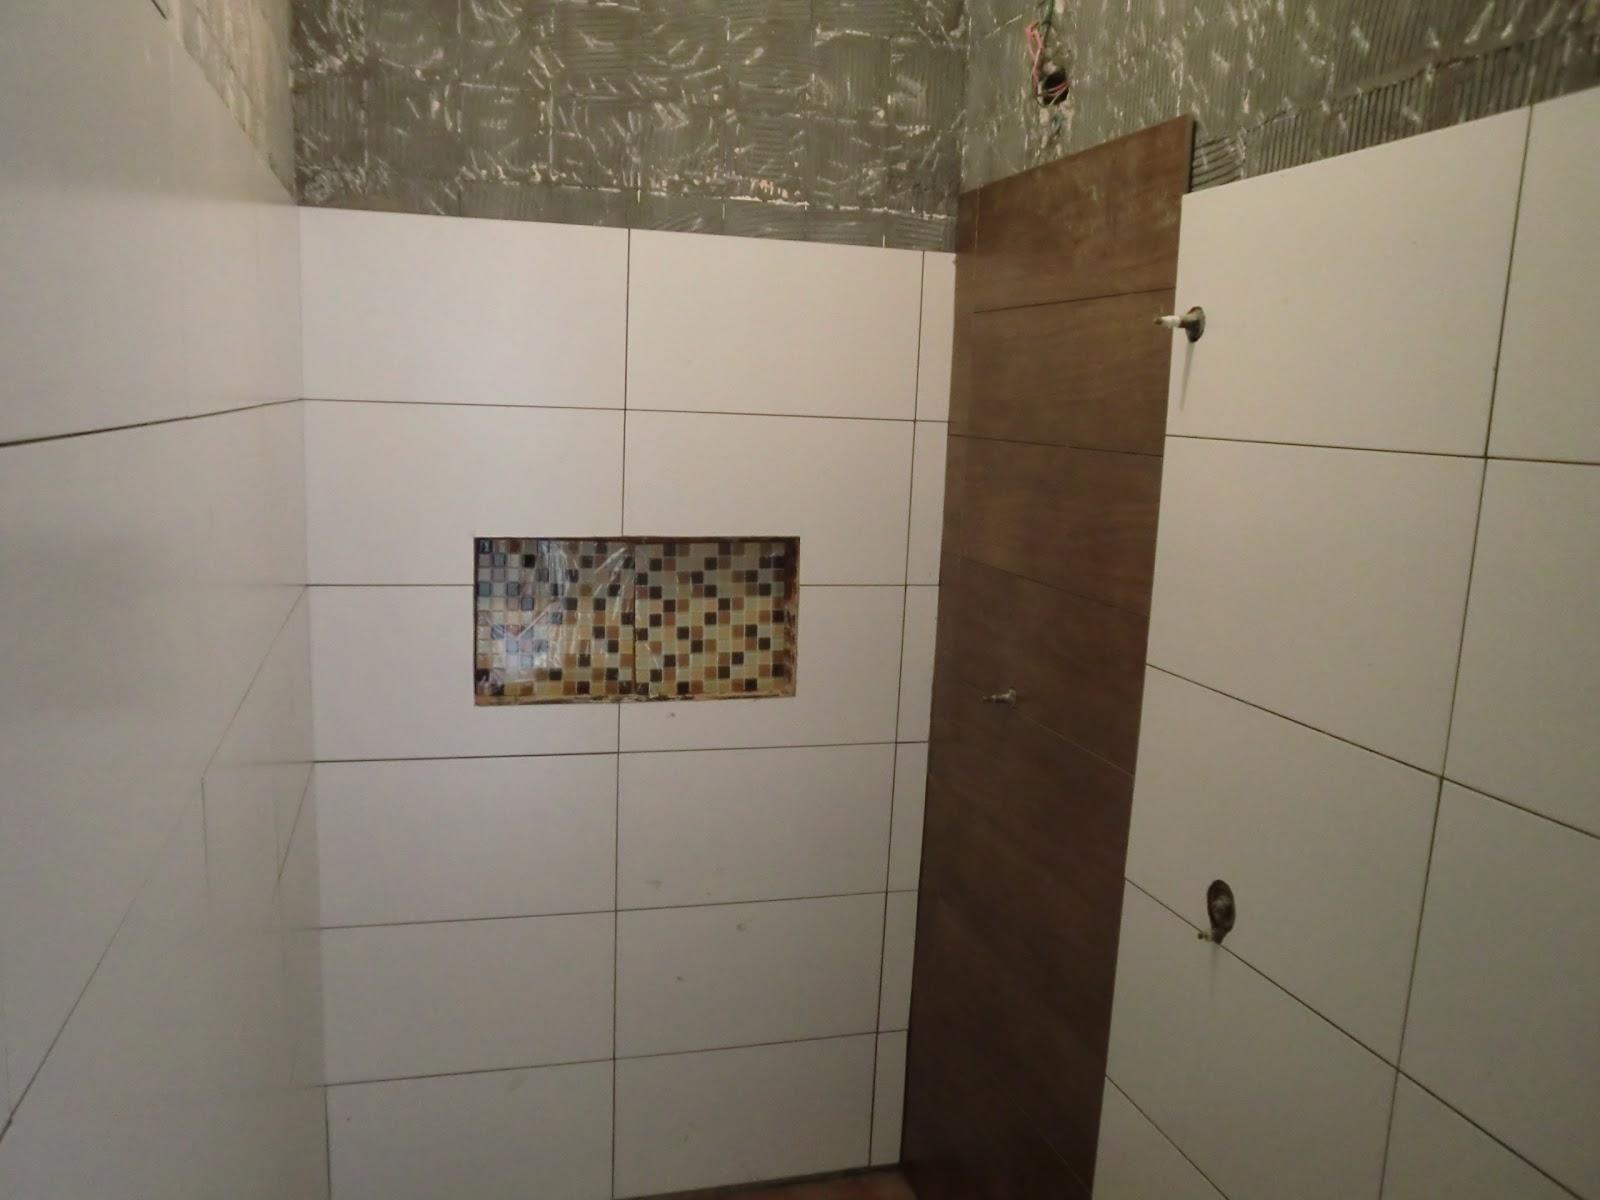 detalhes do chuveiro em madeira e nicho funcional em pastilha de vidro #3C2C1F 1600x1200 Banheiro Com Azulejo Que Imita Pastilha